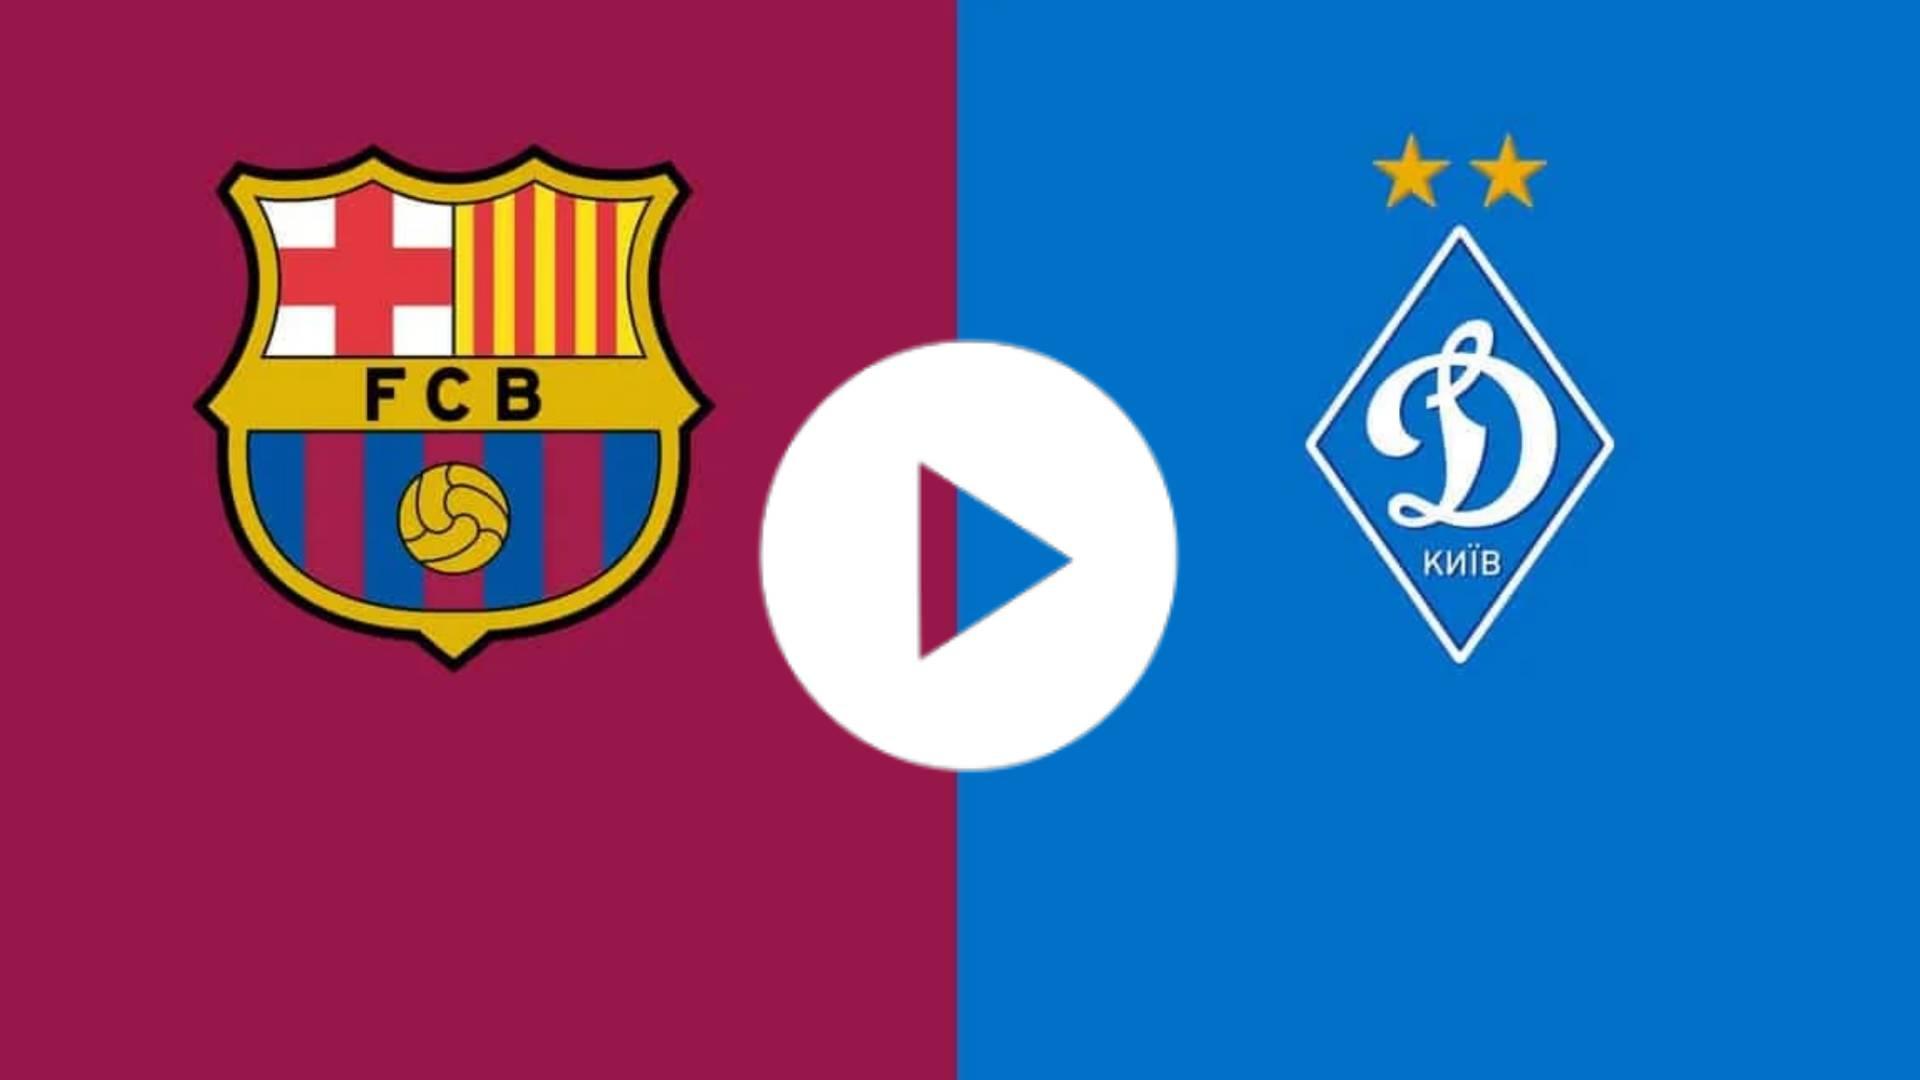 EN VIVO CHAMPIONS LEAGUE: Barcelona vs Dynamo Kiev: Transmisión en vivo de la Liga de Campeones de la UEFA, cómo ver en la TV, probabilidades, tiempo